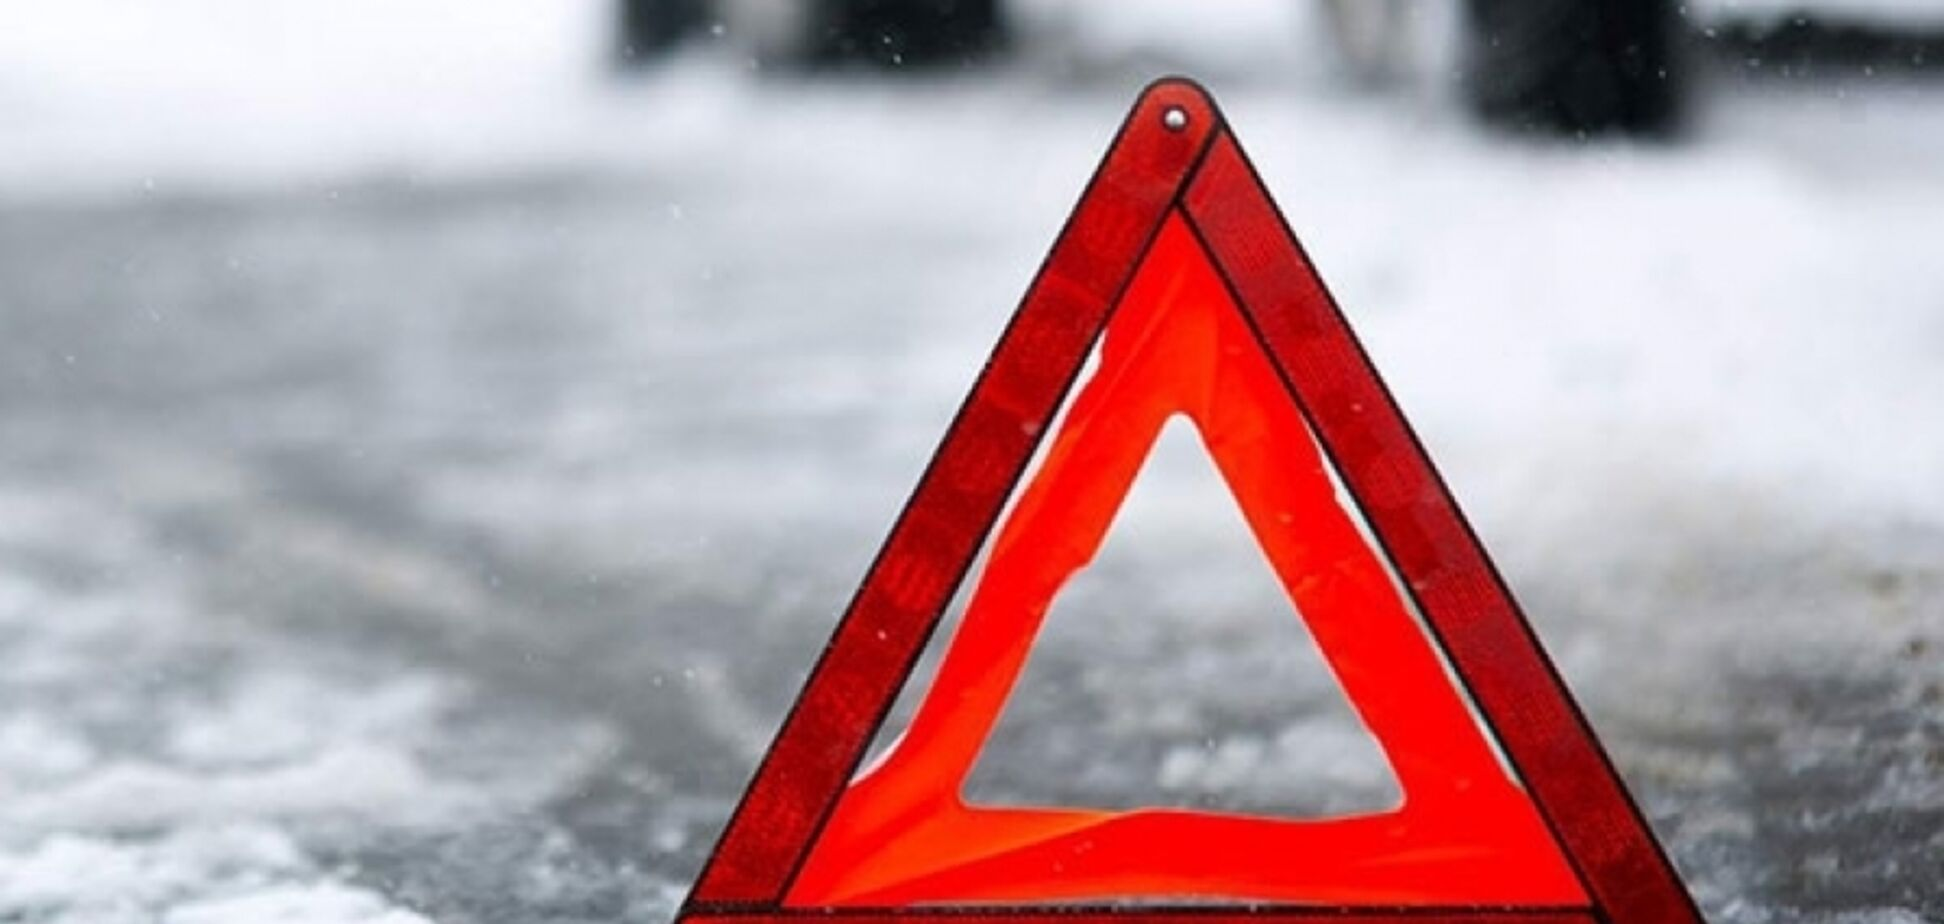 Як відшкодувати збитки від ДТП: українським водіям дали пораду